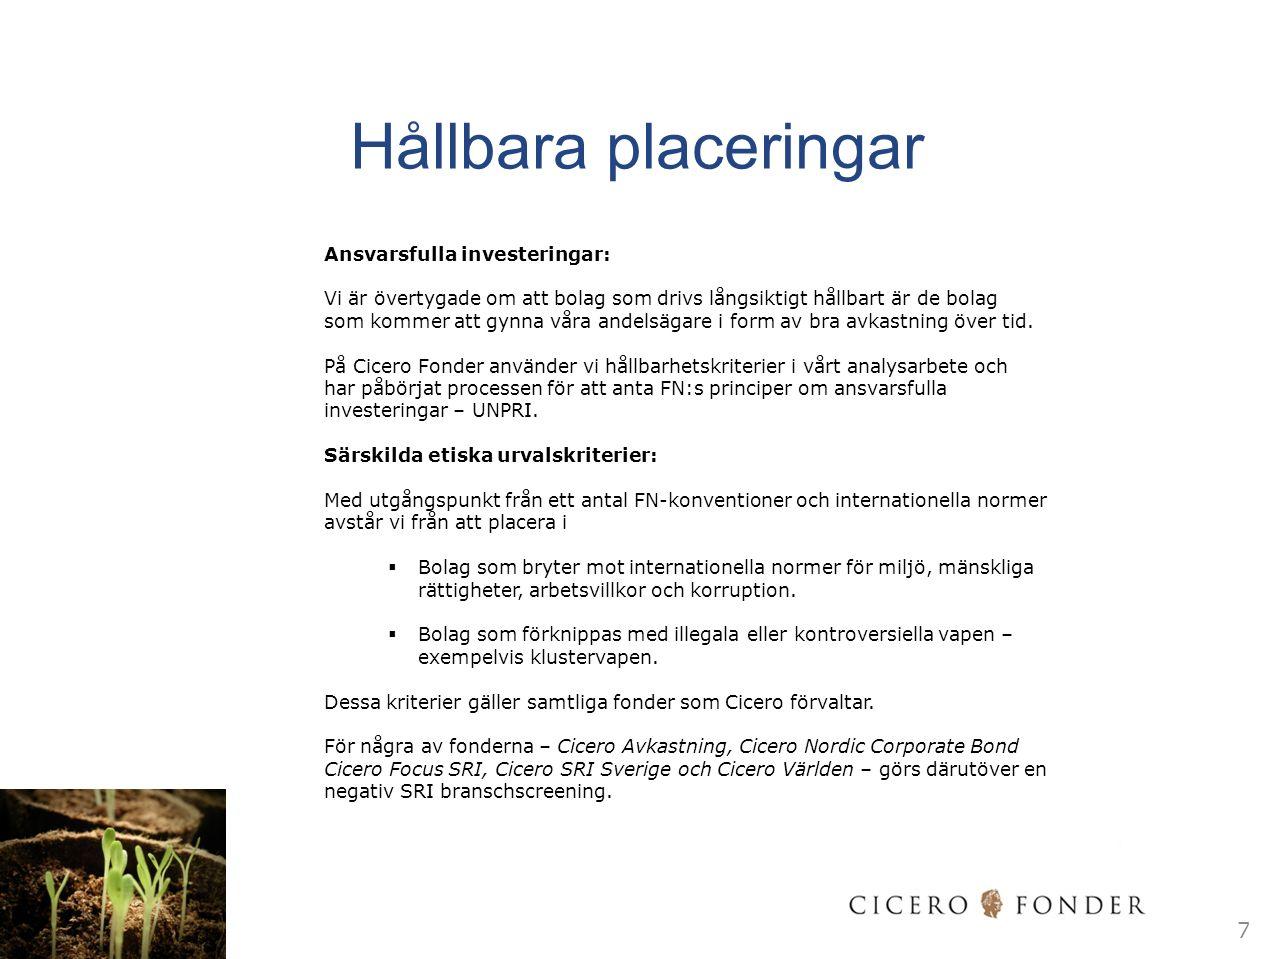 Cicero Avkastning Fondprofil & inriktning 8